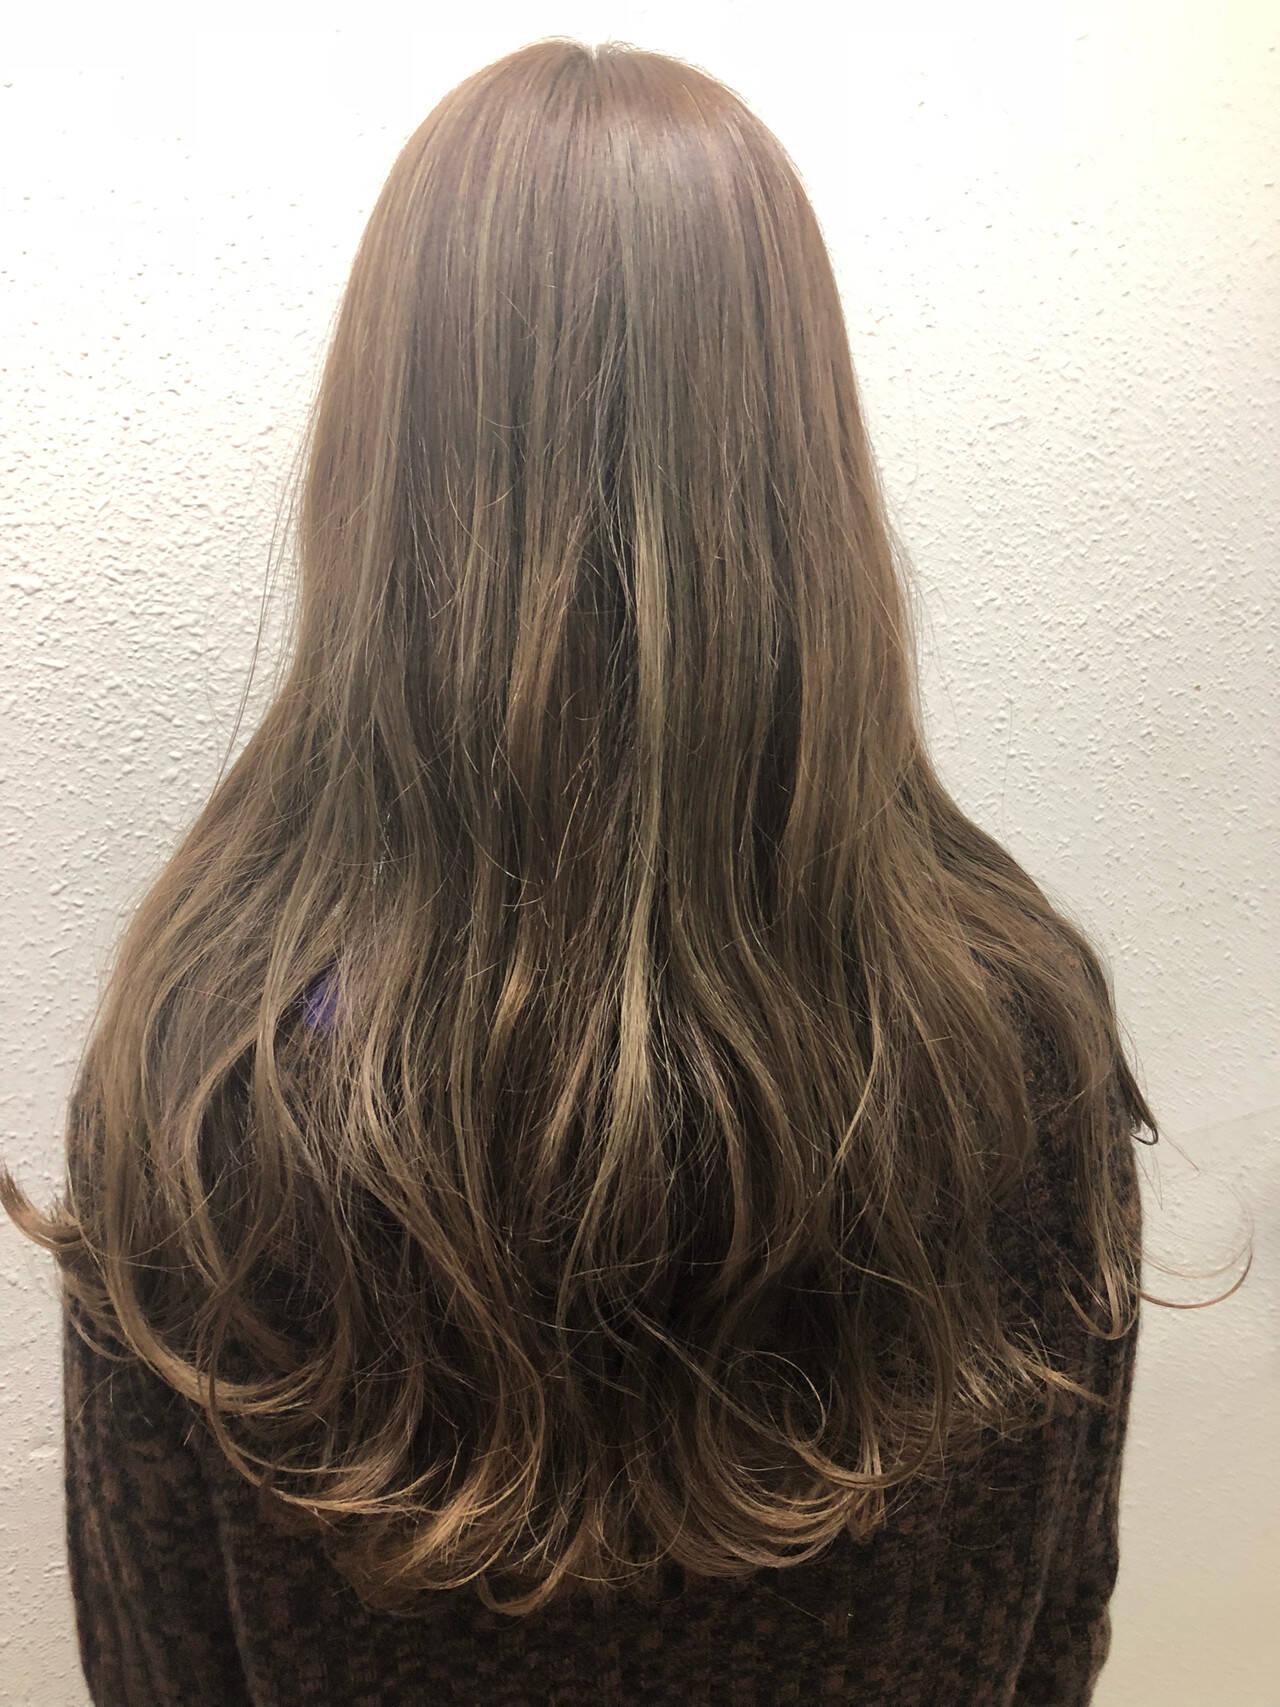 ナチュラル ハイライト ロング アッシュベージュヘアスタイルや髪型の写真・画像